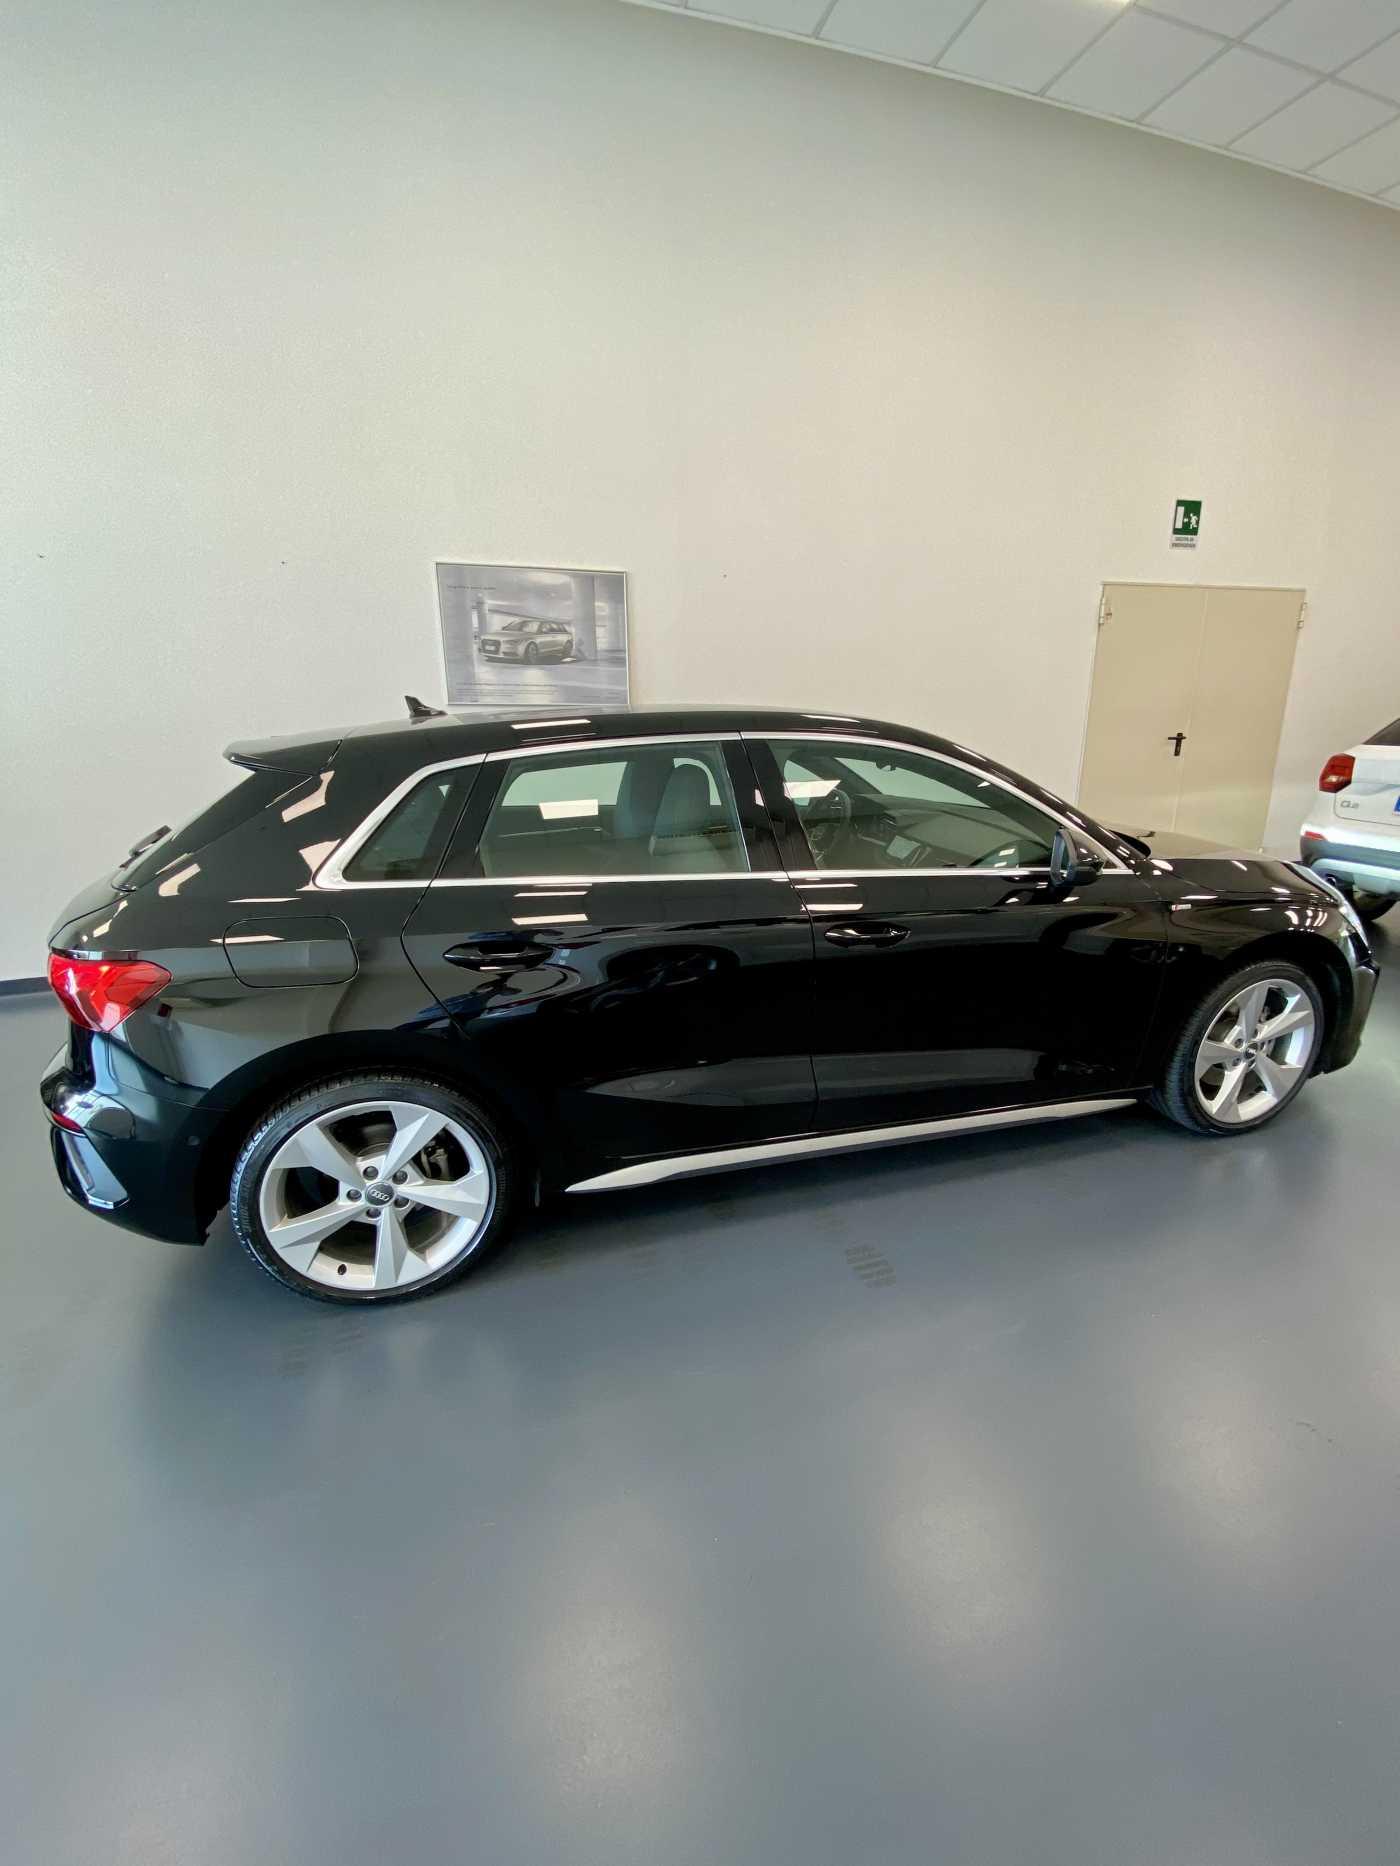 Audi - A3 Sportback S line 35 TDI usata in Sardegna - Concessionaria ufficiale Audi Catte Auto Cagliari